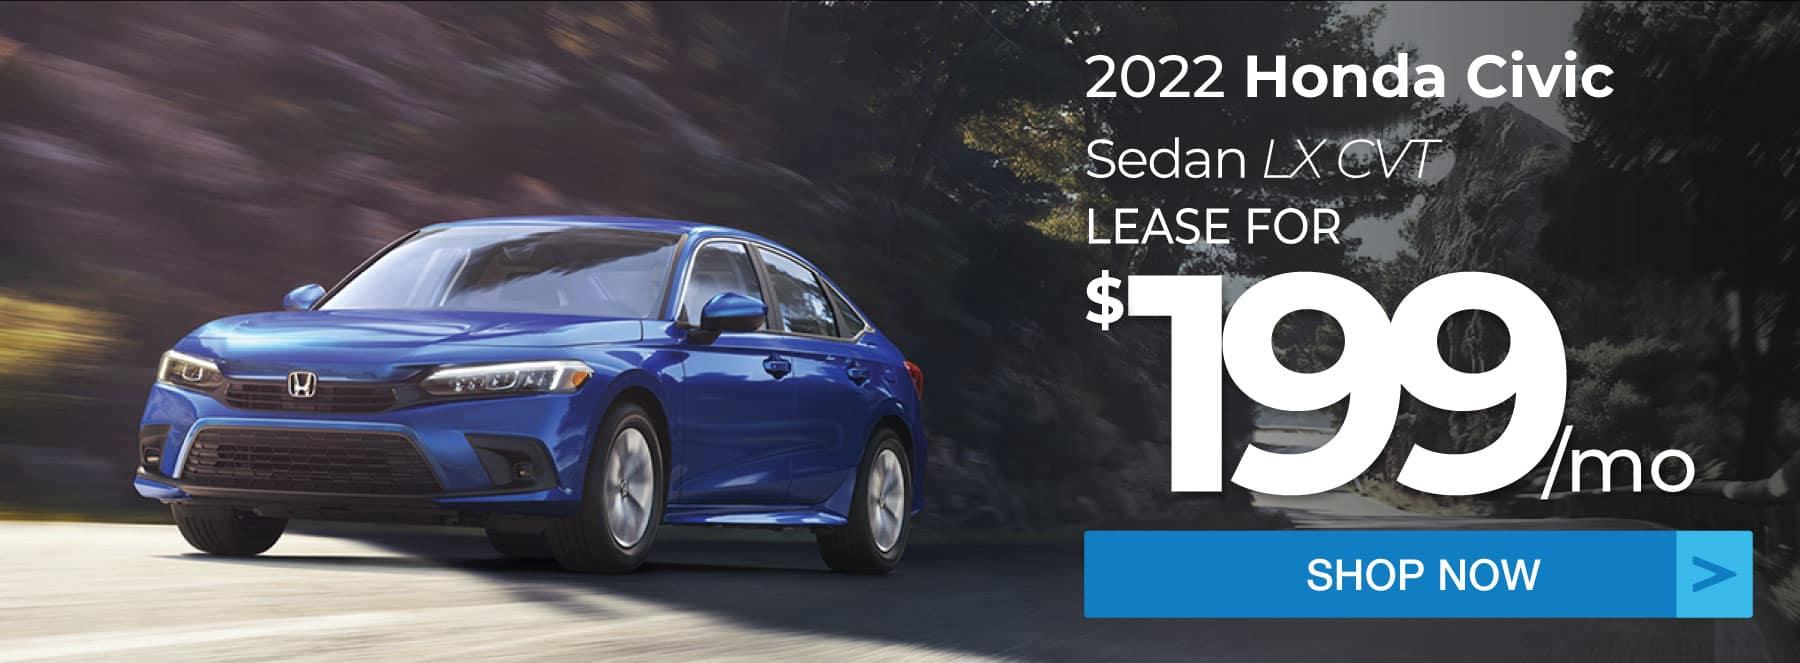 2022 Honda Civic Sedan LX Lease